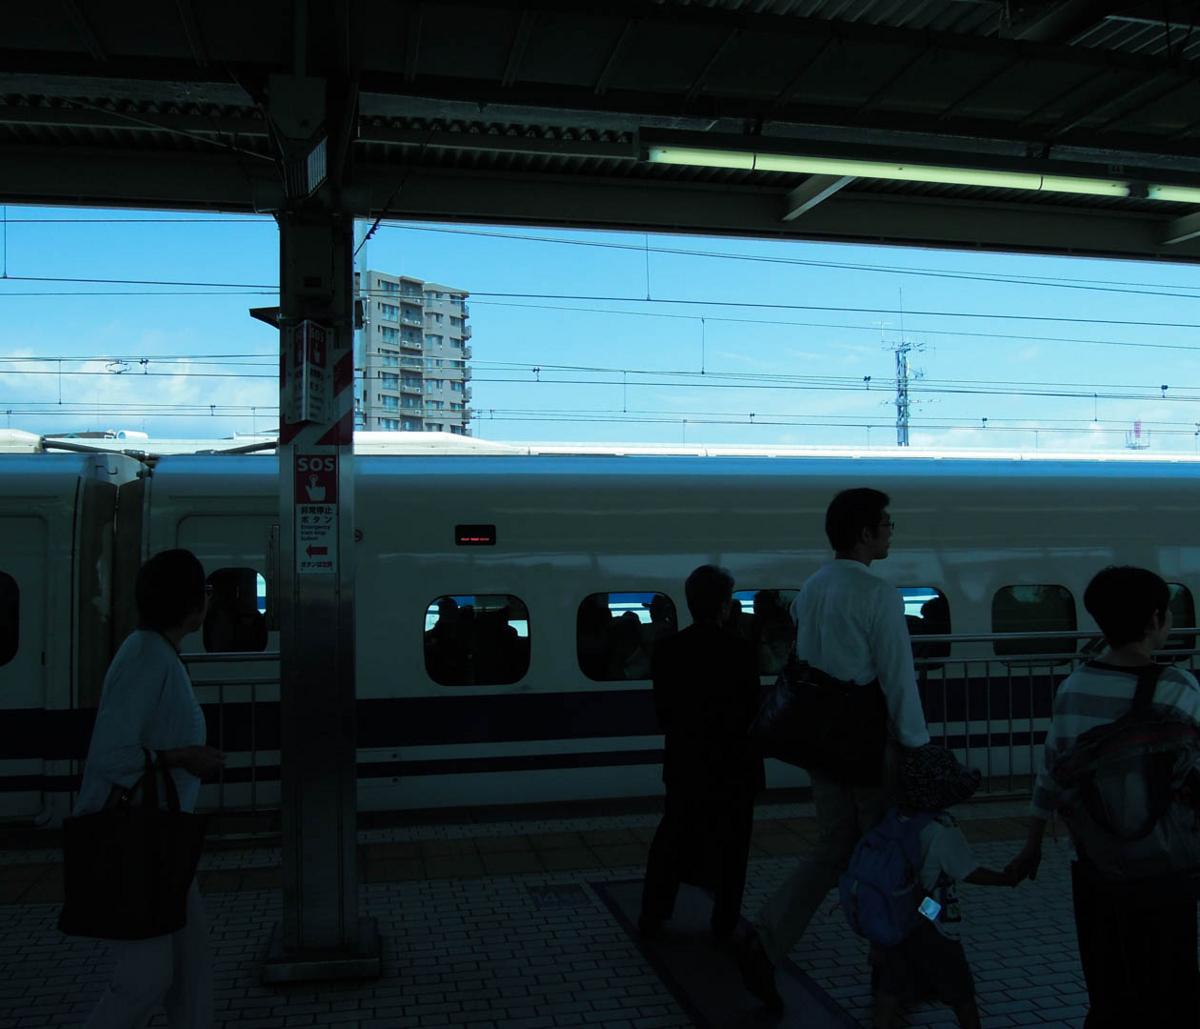 新幹線ホーム(小田原駅)と青の世界 2017年6月